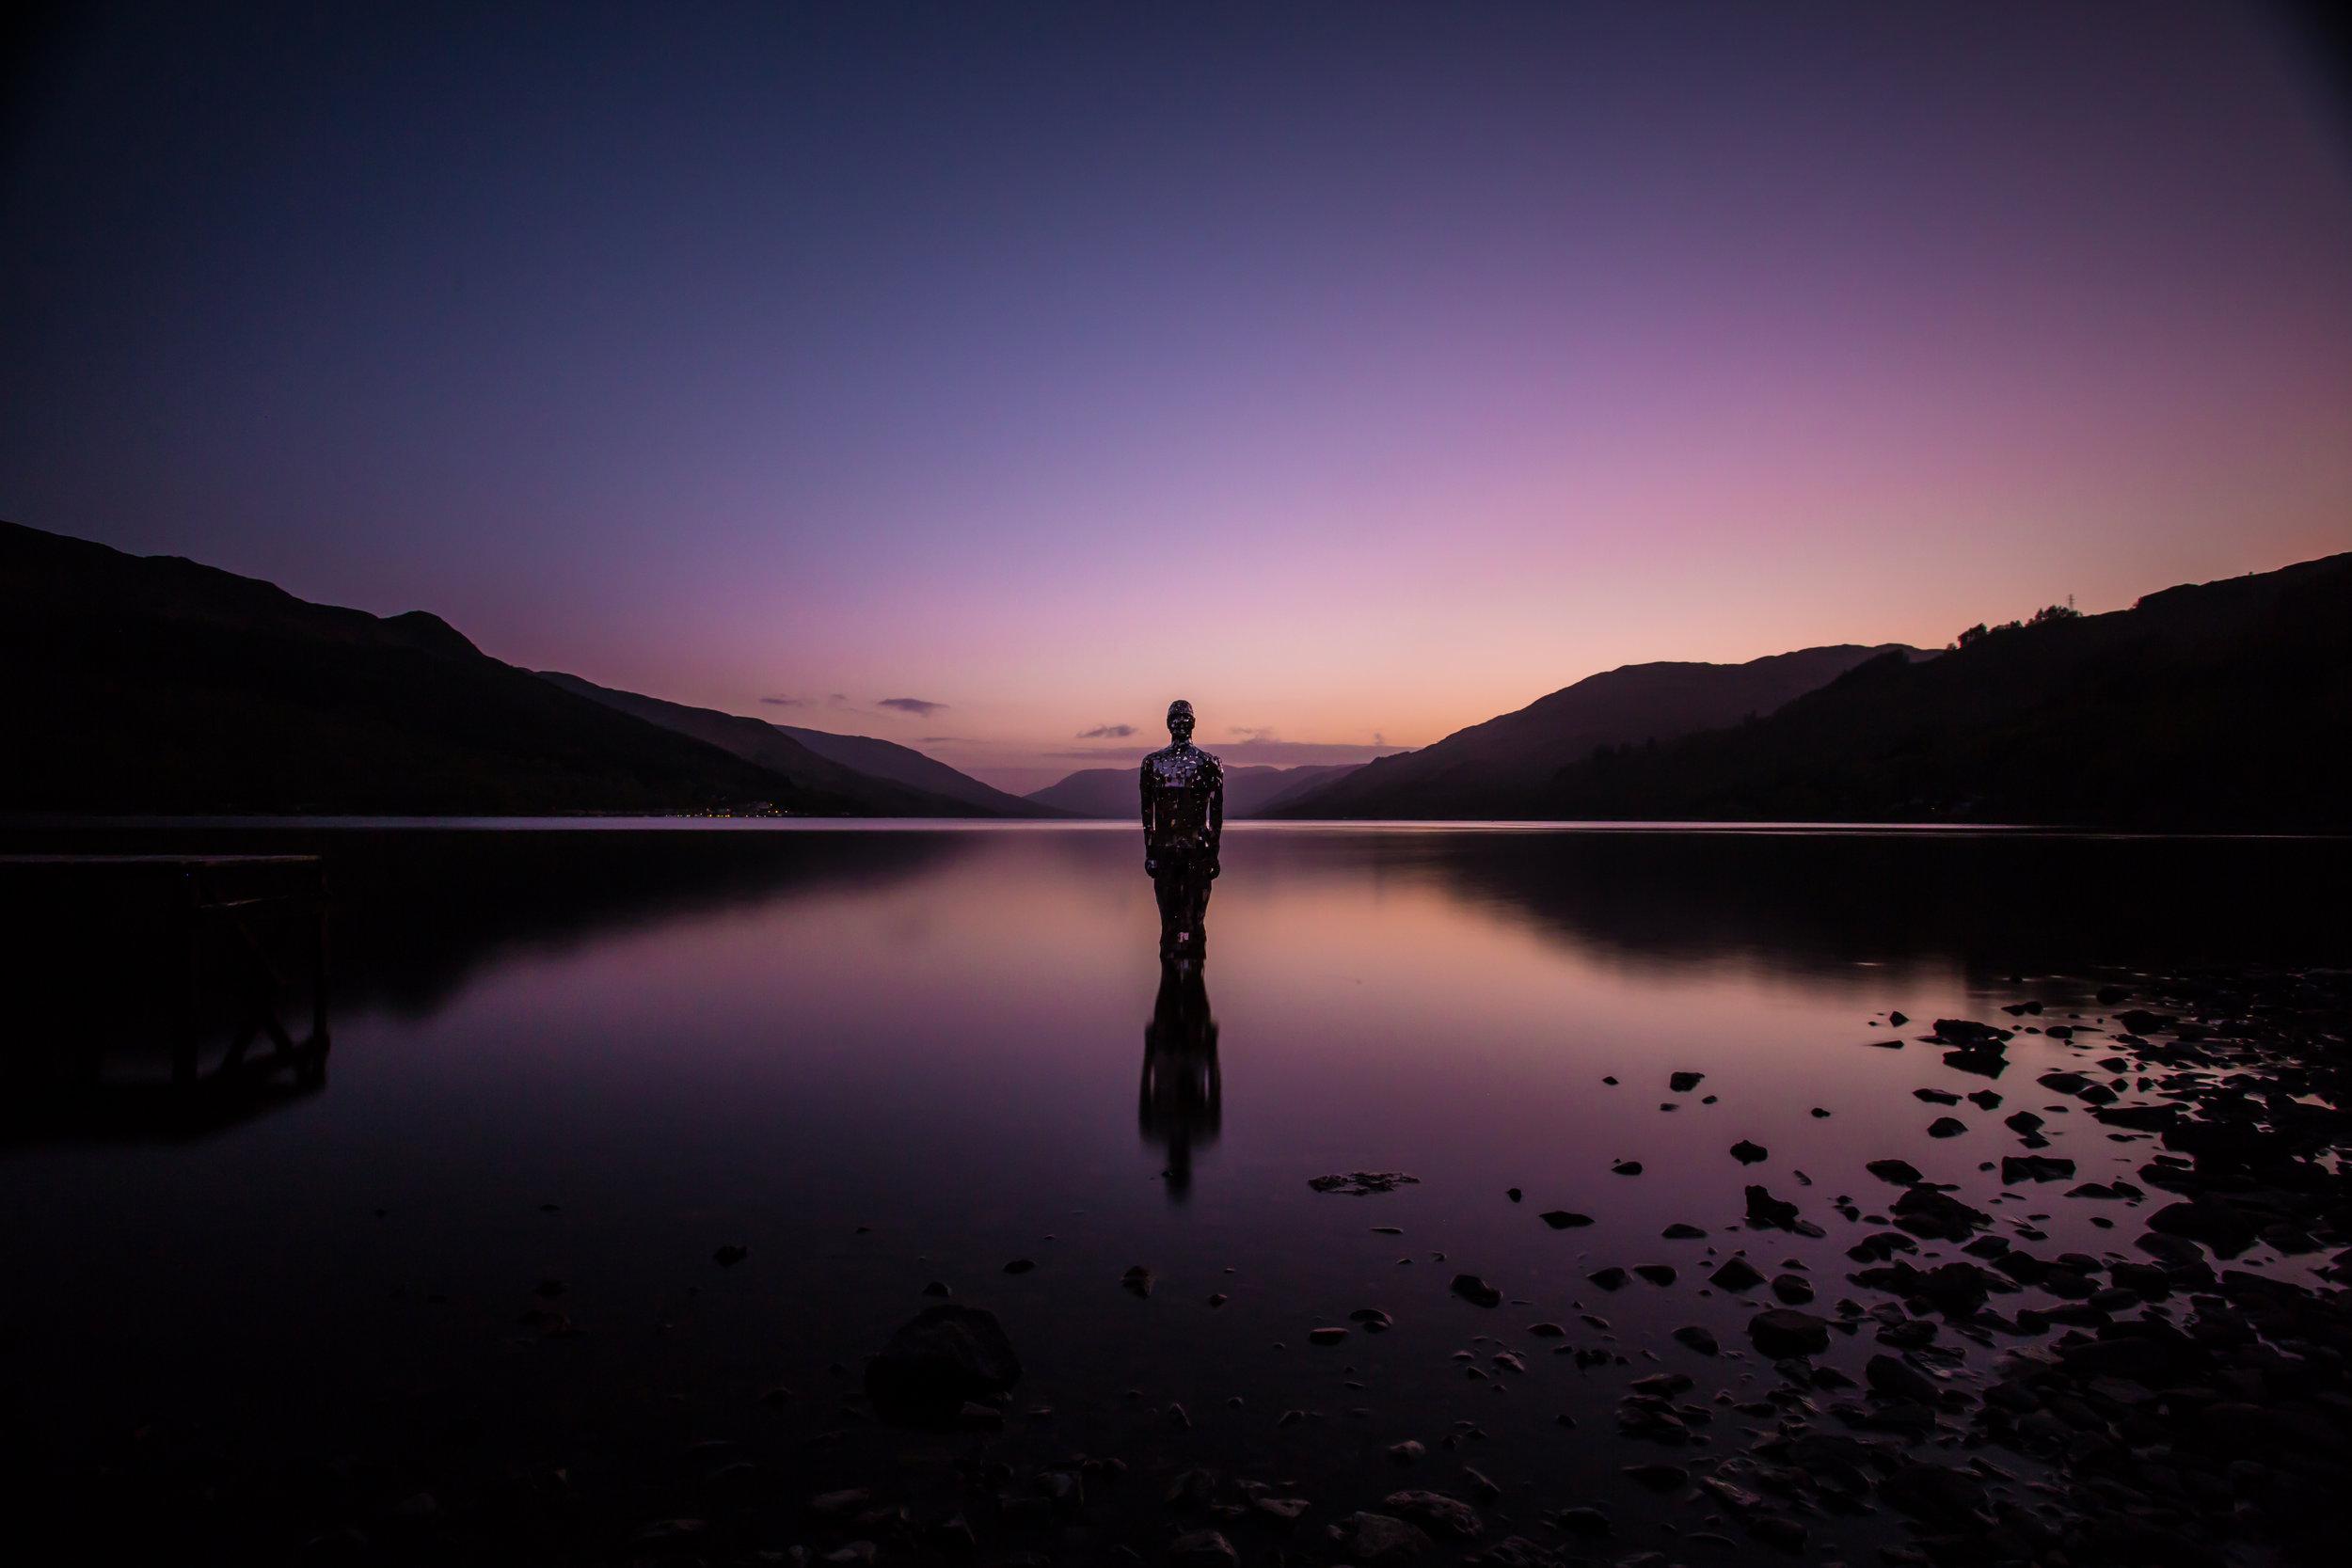 Still - Loch Earn